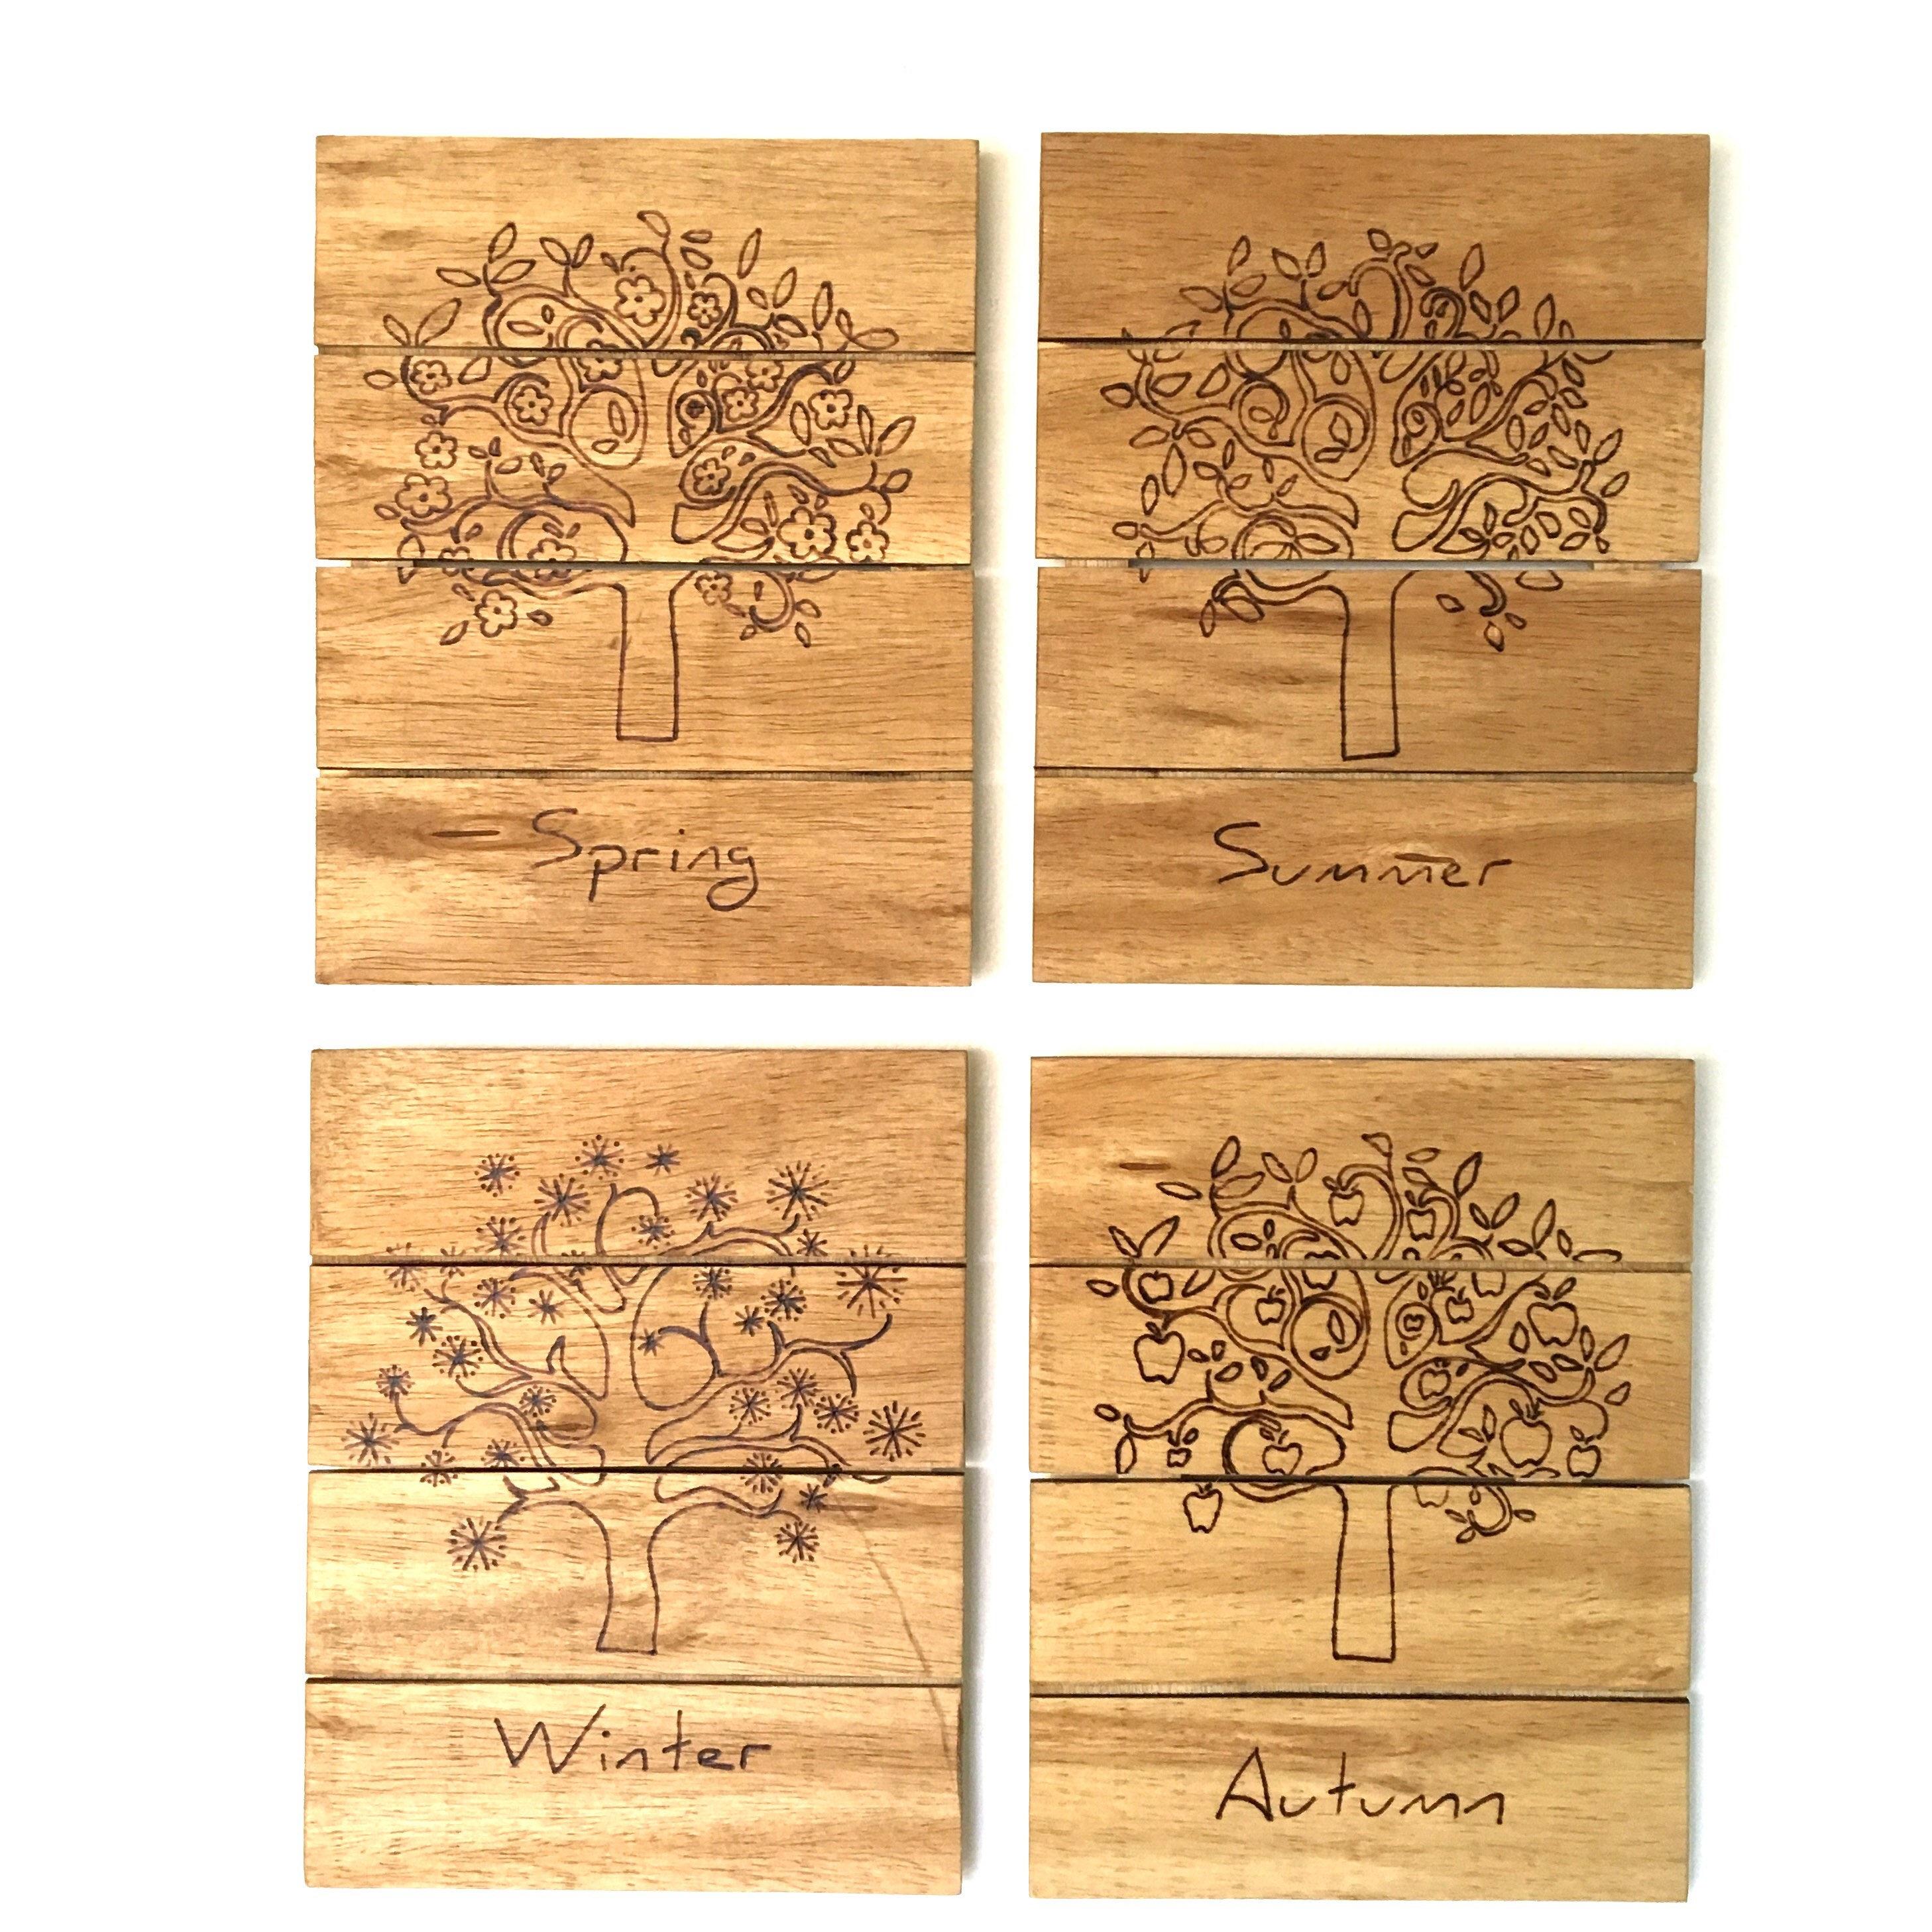 Vier Jahreszeiten Baum des Lebens Holz Zeichen Holz